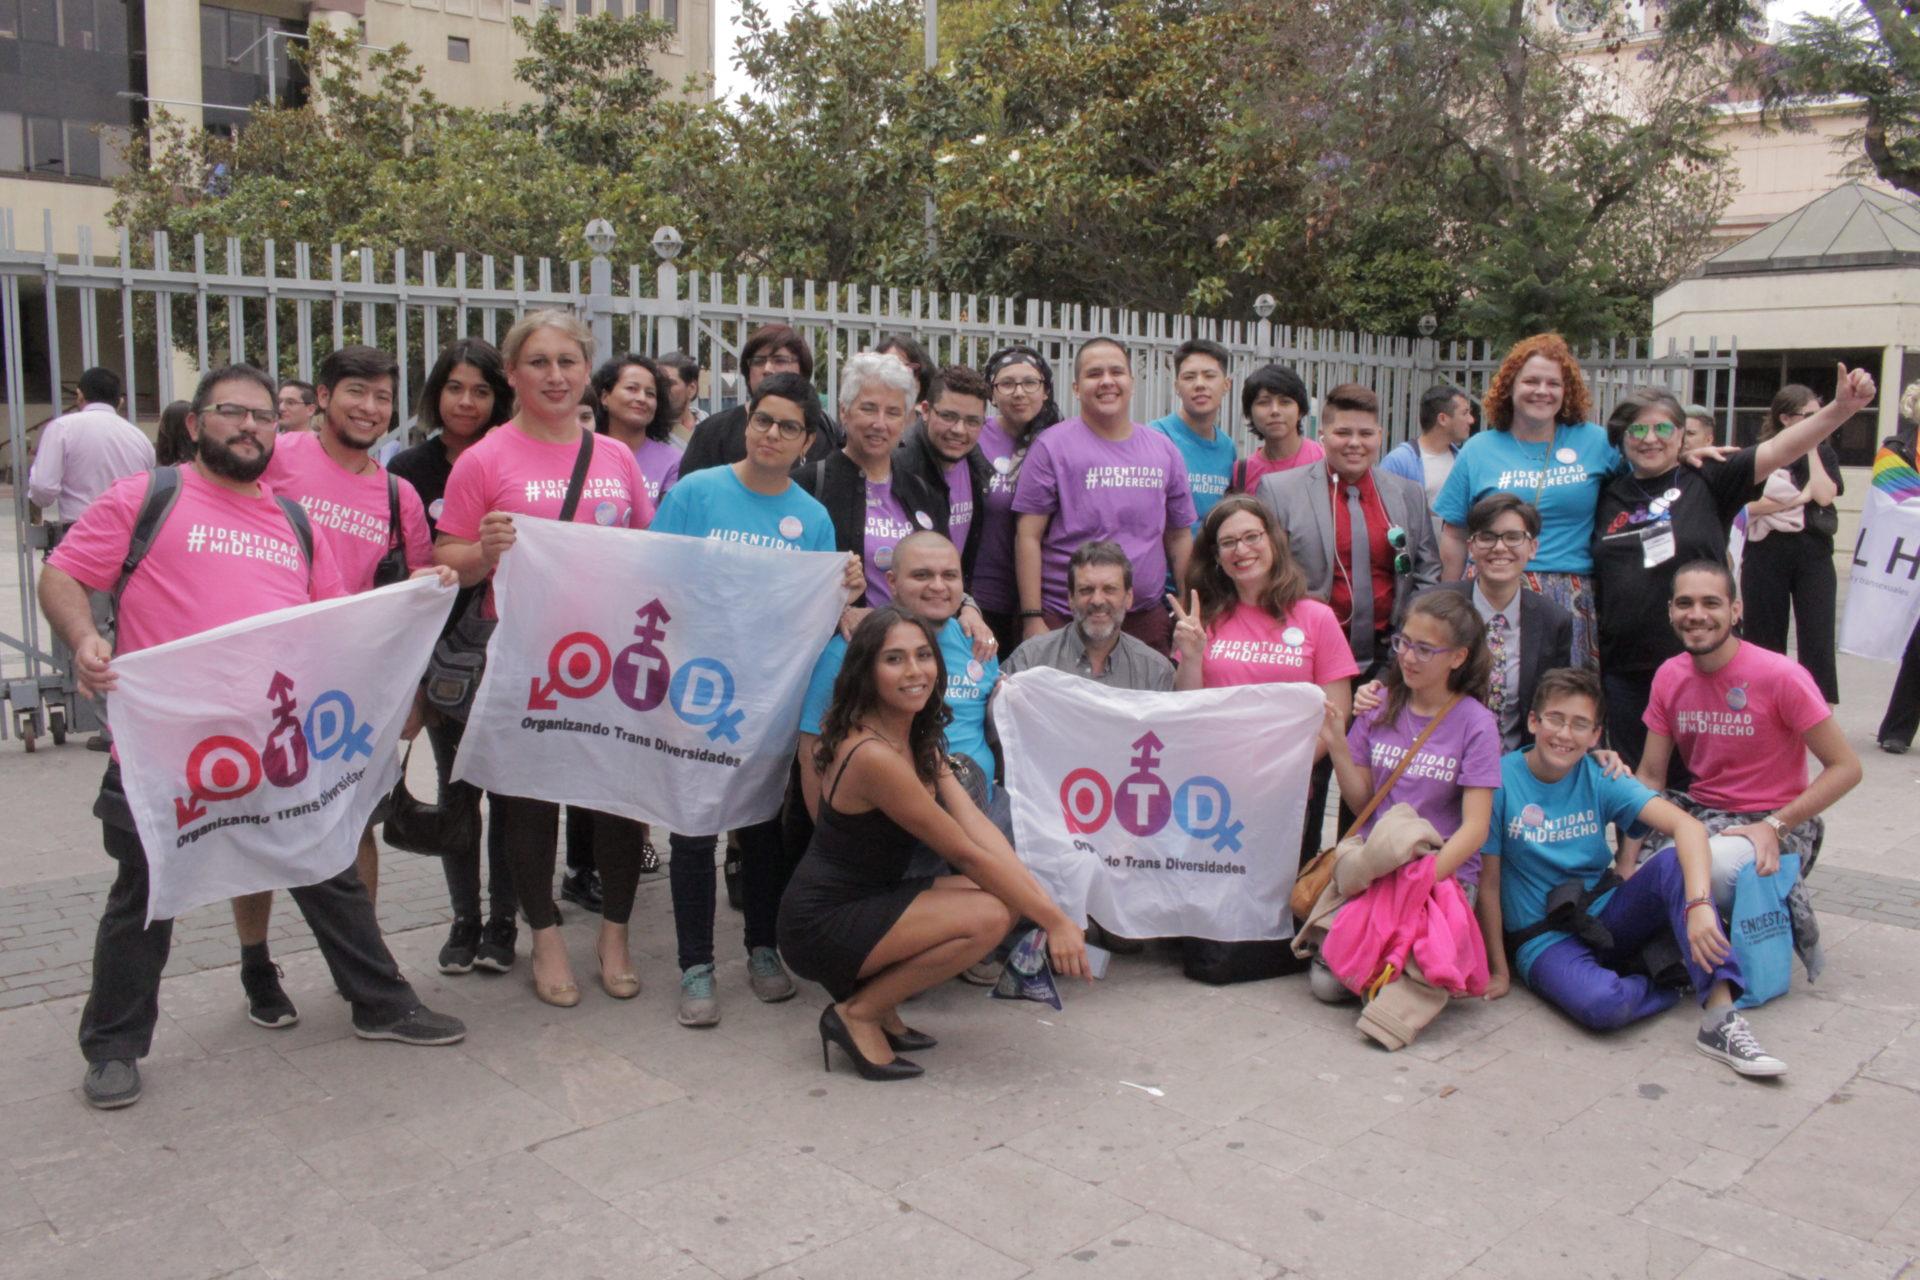 Activistas congreso de valparaíso